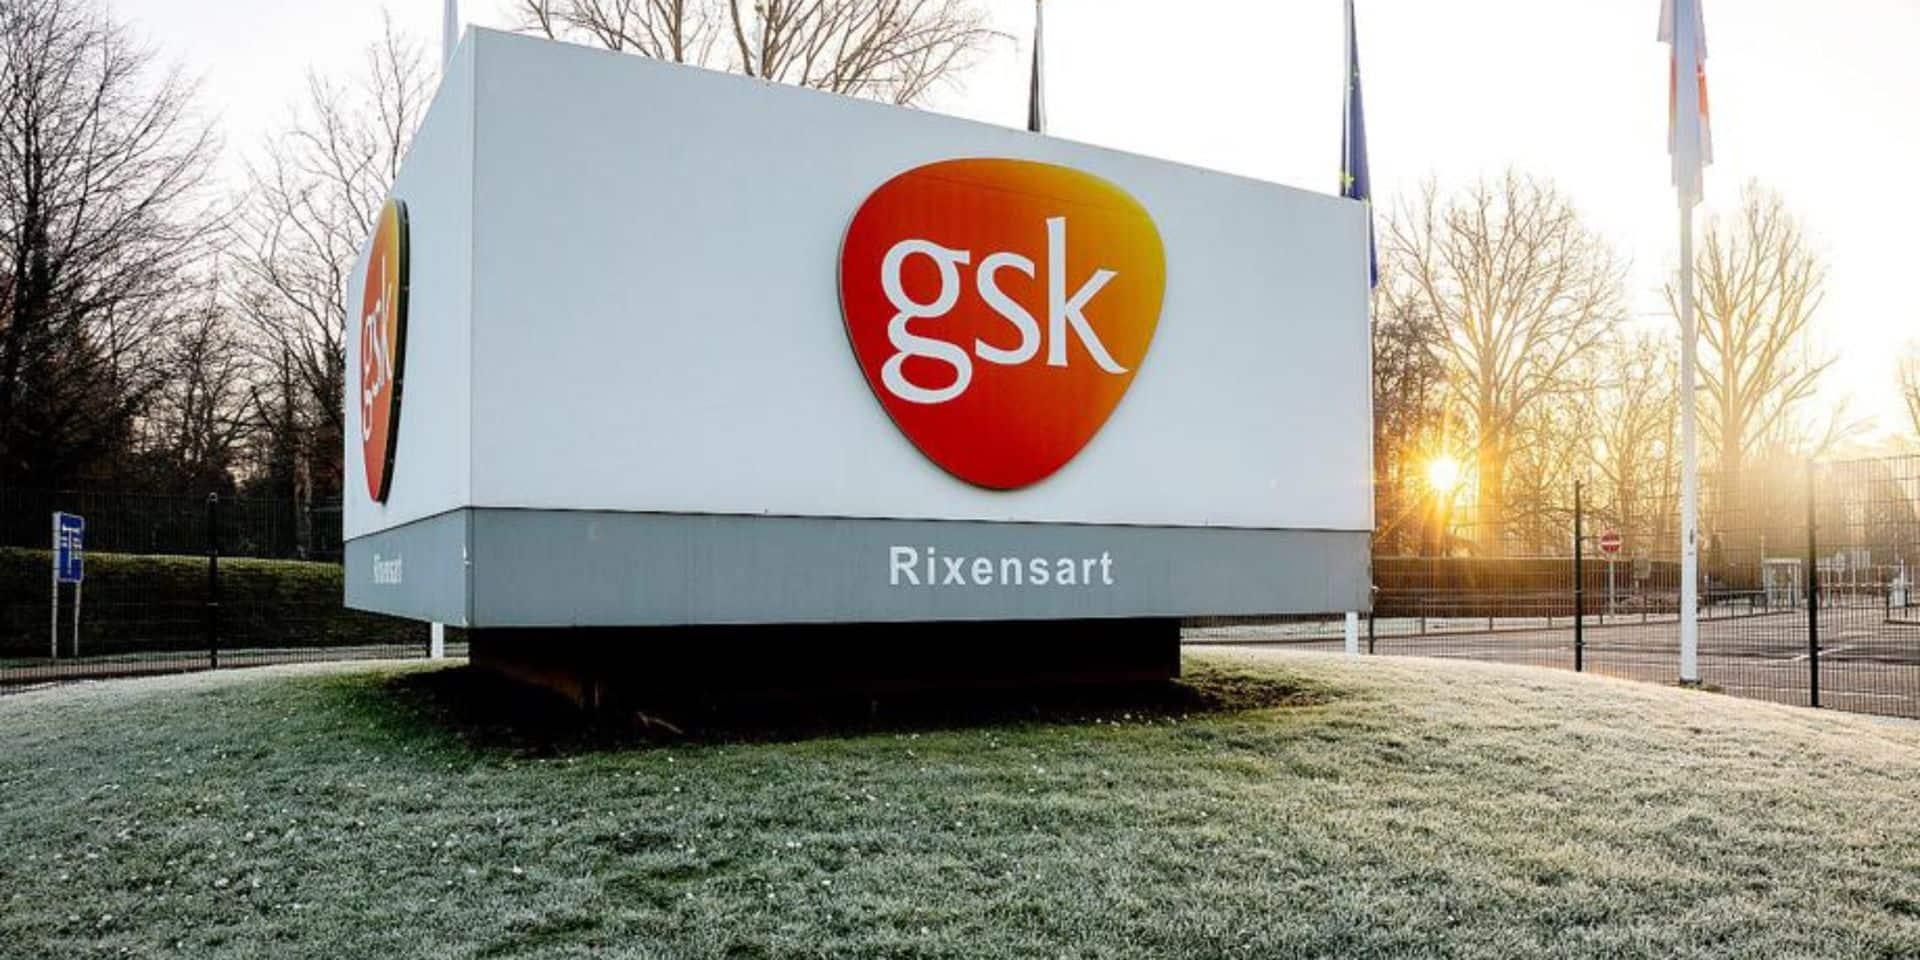 GSK a versé plus de dividendes que ce qu'elle a gagné